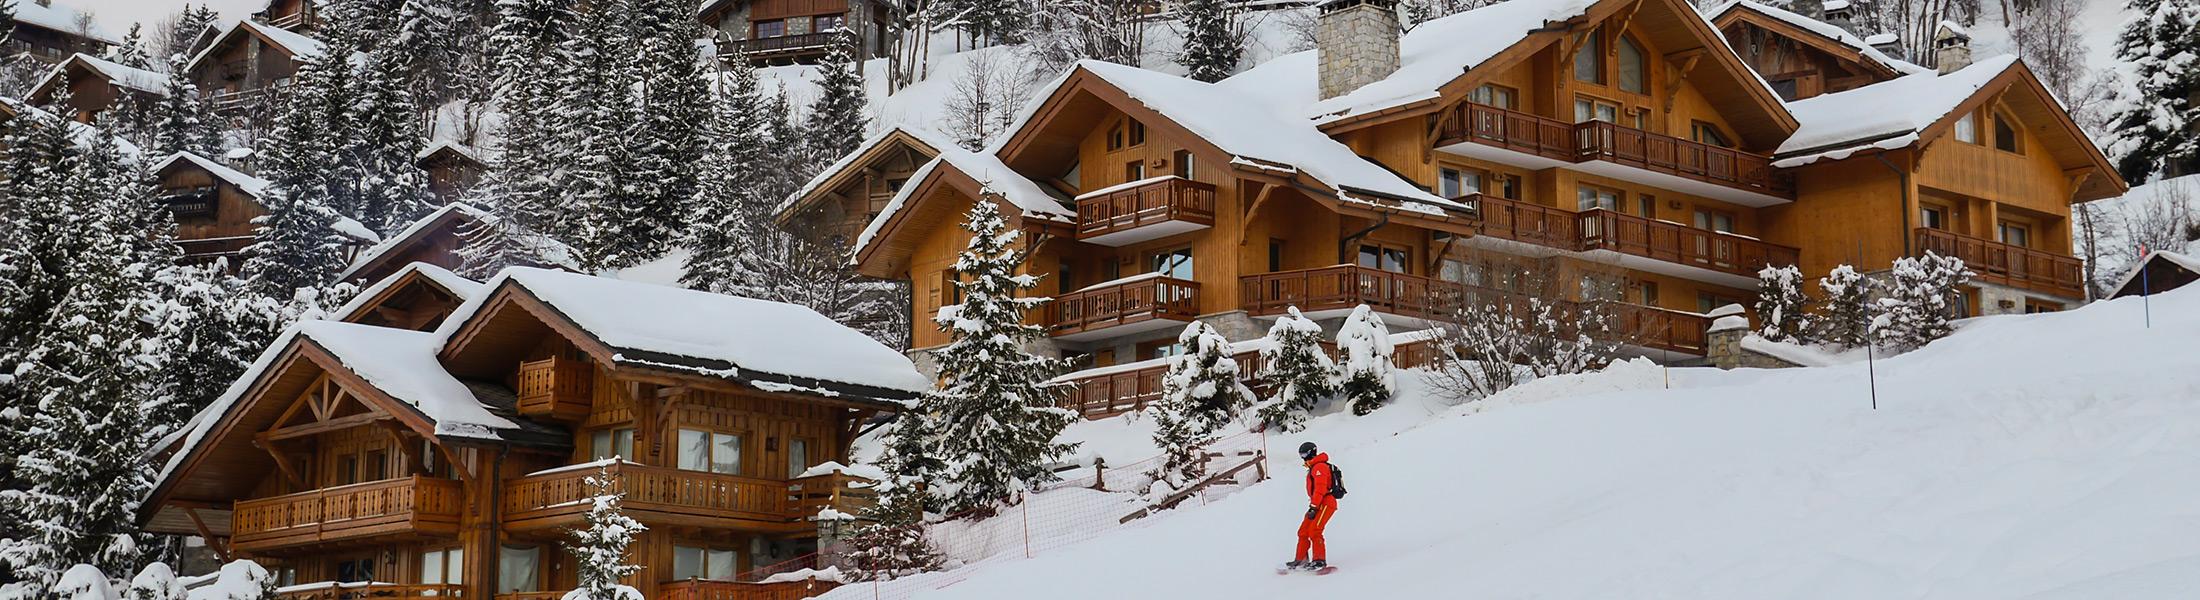 Ski resort and skier